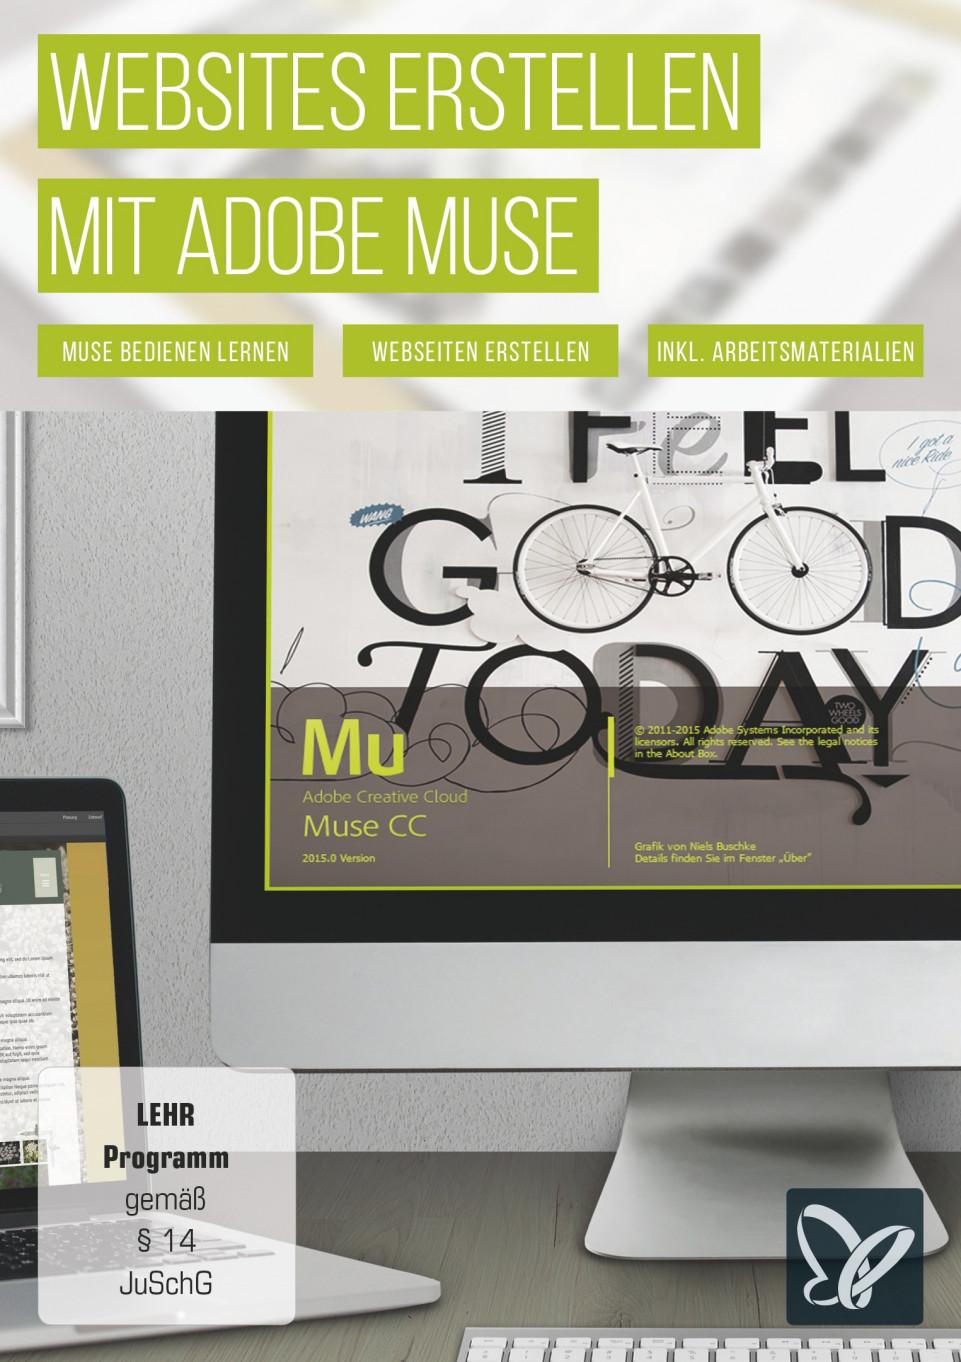 Websites erstellen mit Adobe Muse